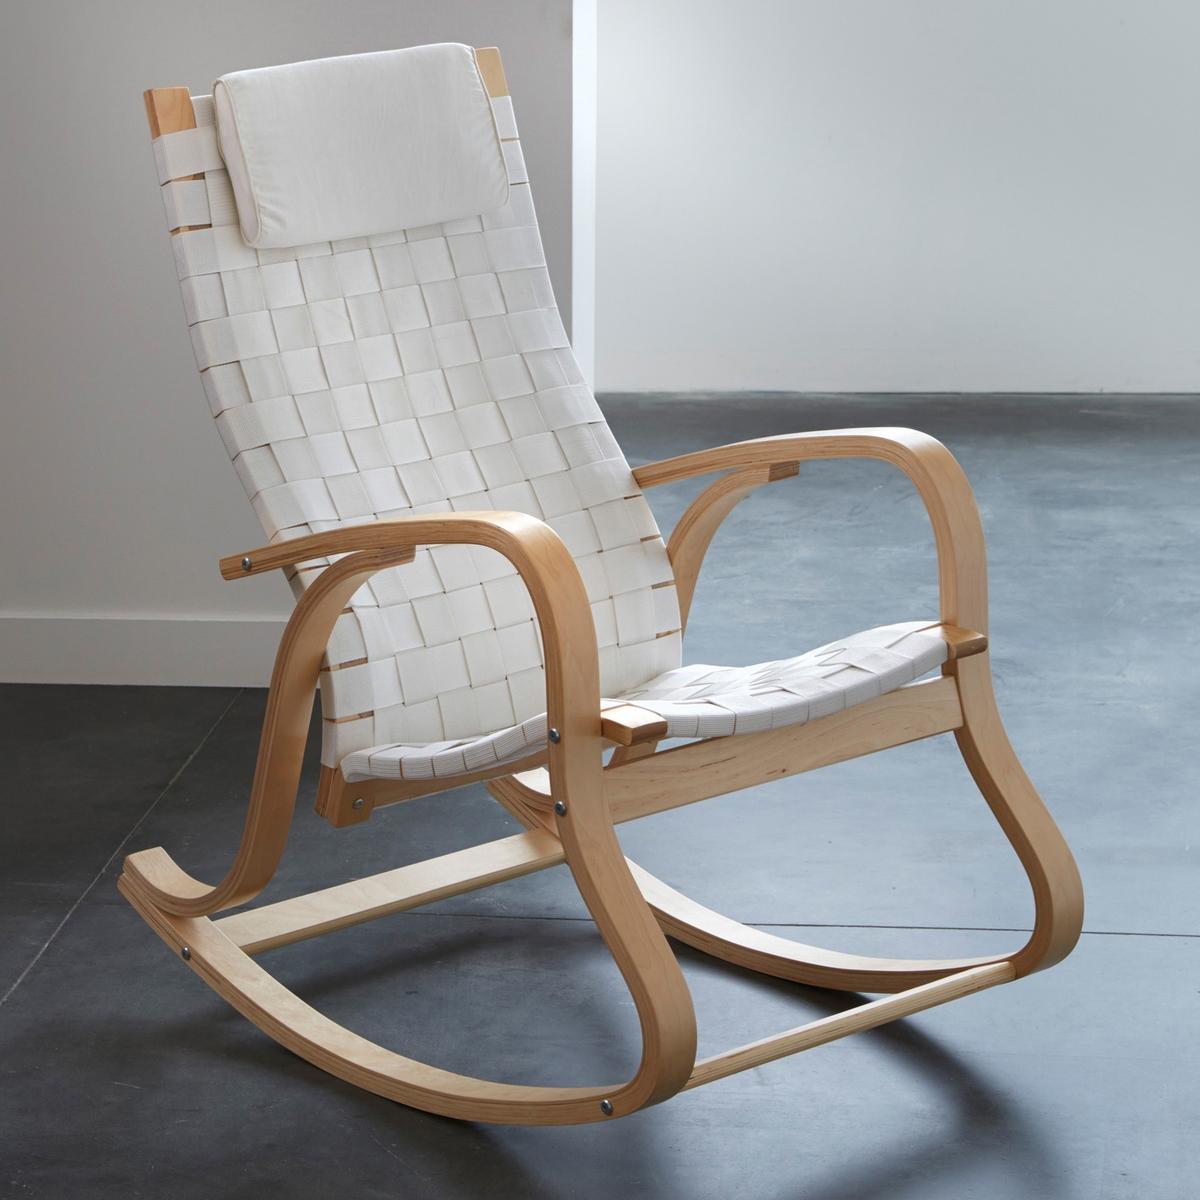 Кресло-качалка дизайнерское Jimi кресло качалка дизайнерское jimi